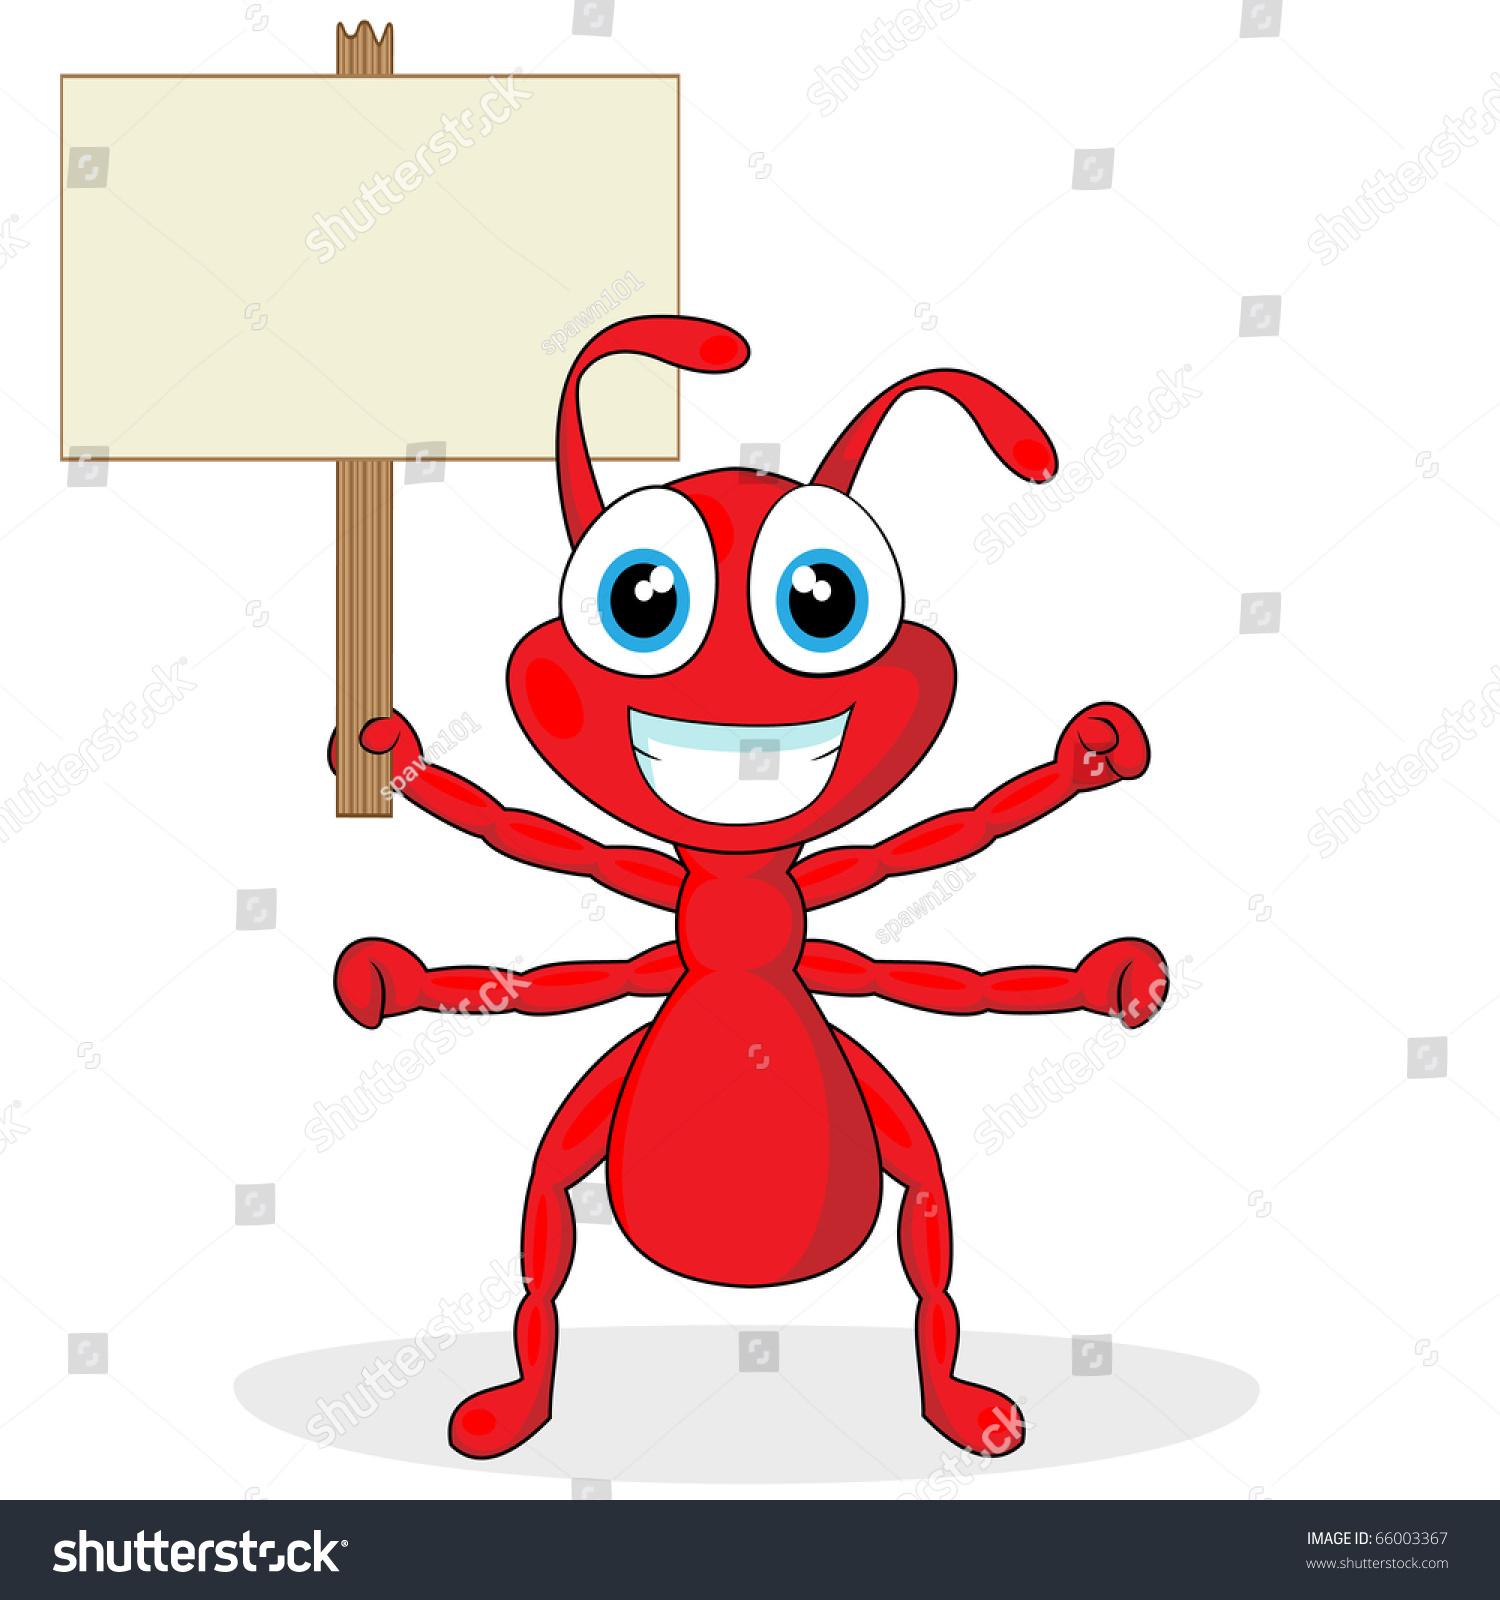 可爱的小红帽-动物/野生生物,插图/剪贴图-海洛创意()